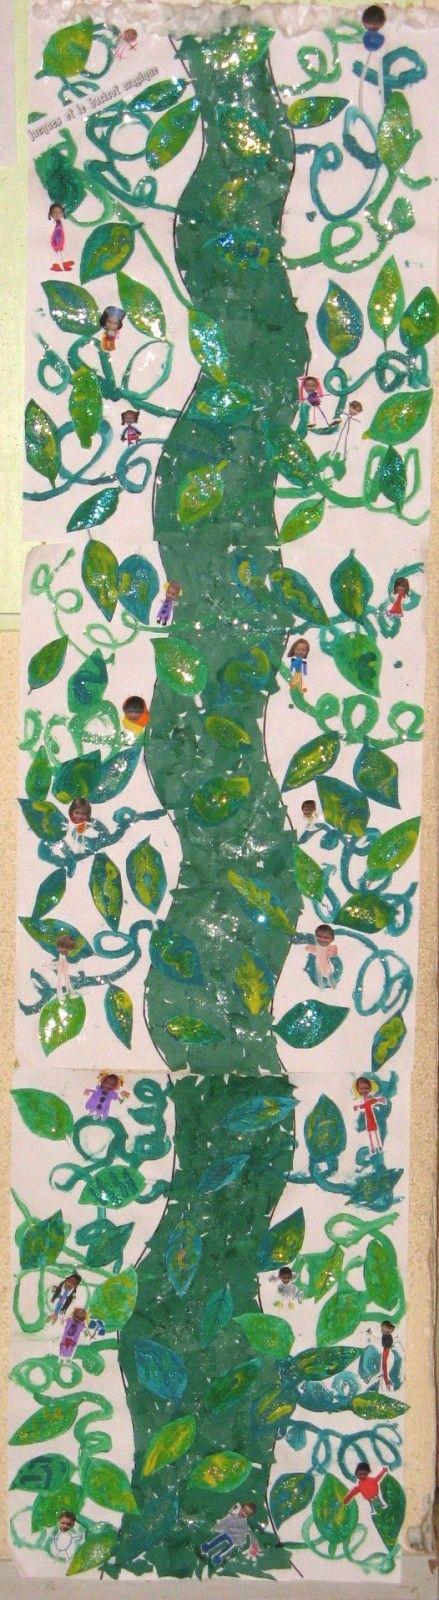 Les stagiaires ont travaillé sur l'album&Jacques et le haricot magique& un classique de la littérature enfantine, voici le volet artistique de leur projet; qui est d'ailleurs affiché sur le mur à côté de la porte de notre classe, il mesure près de 2 m...